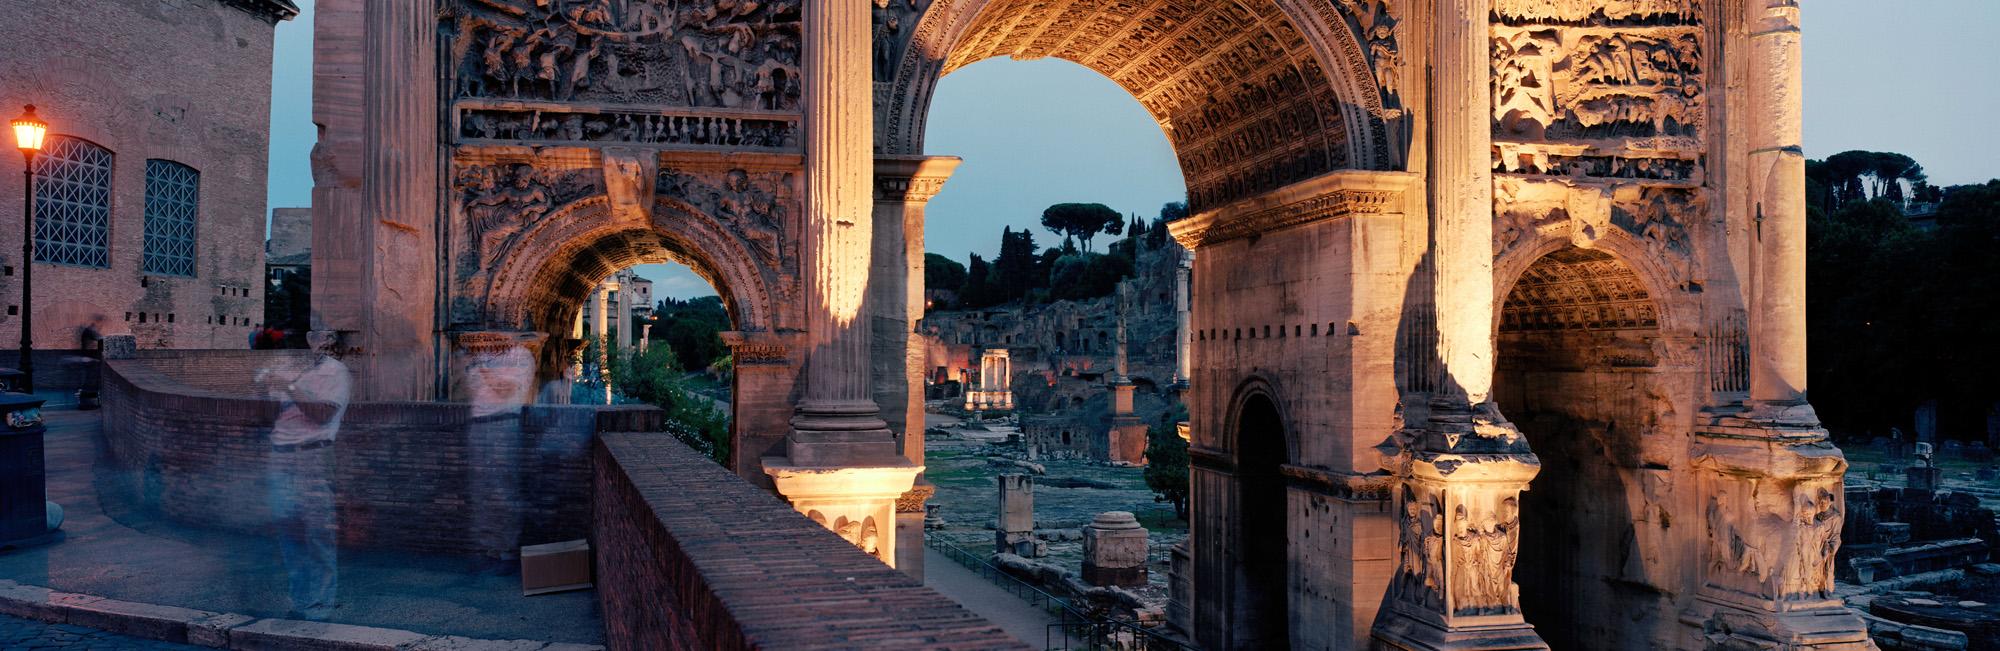 Arco di Settimio Servio, Rome, Italy, 2003